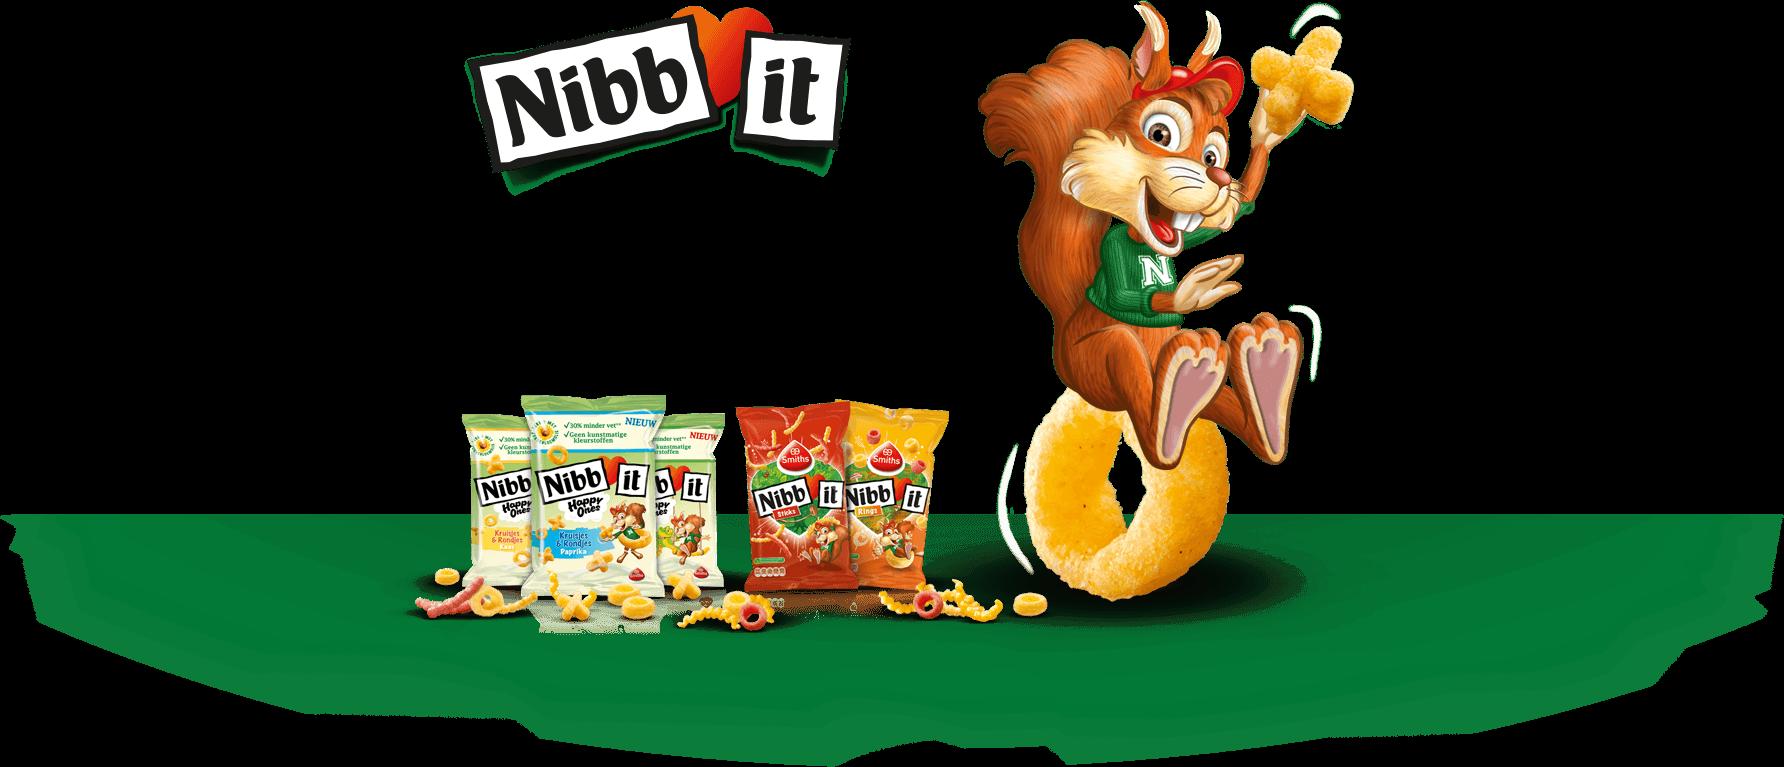 Hier vind je alles over de vrolijke zoutjes van Nibb-it, waar iedereen dol op is. De zoutjes zijn er in allerlei kleurige en speelse variaties. Zo zijn er de bekende Nibb-it Rings & Sticks, maar hebben we sinds kort ook Nibb-it Happy Ones! Ontdek wat je allemaal met Nibb-it kunt beleven, zoals onze Nibb-it Ga-er-op-uit! …